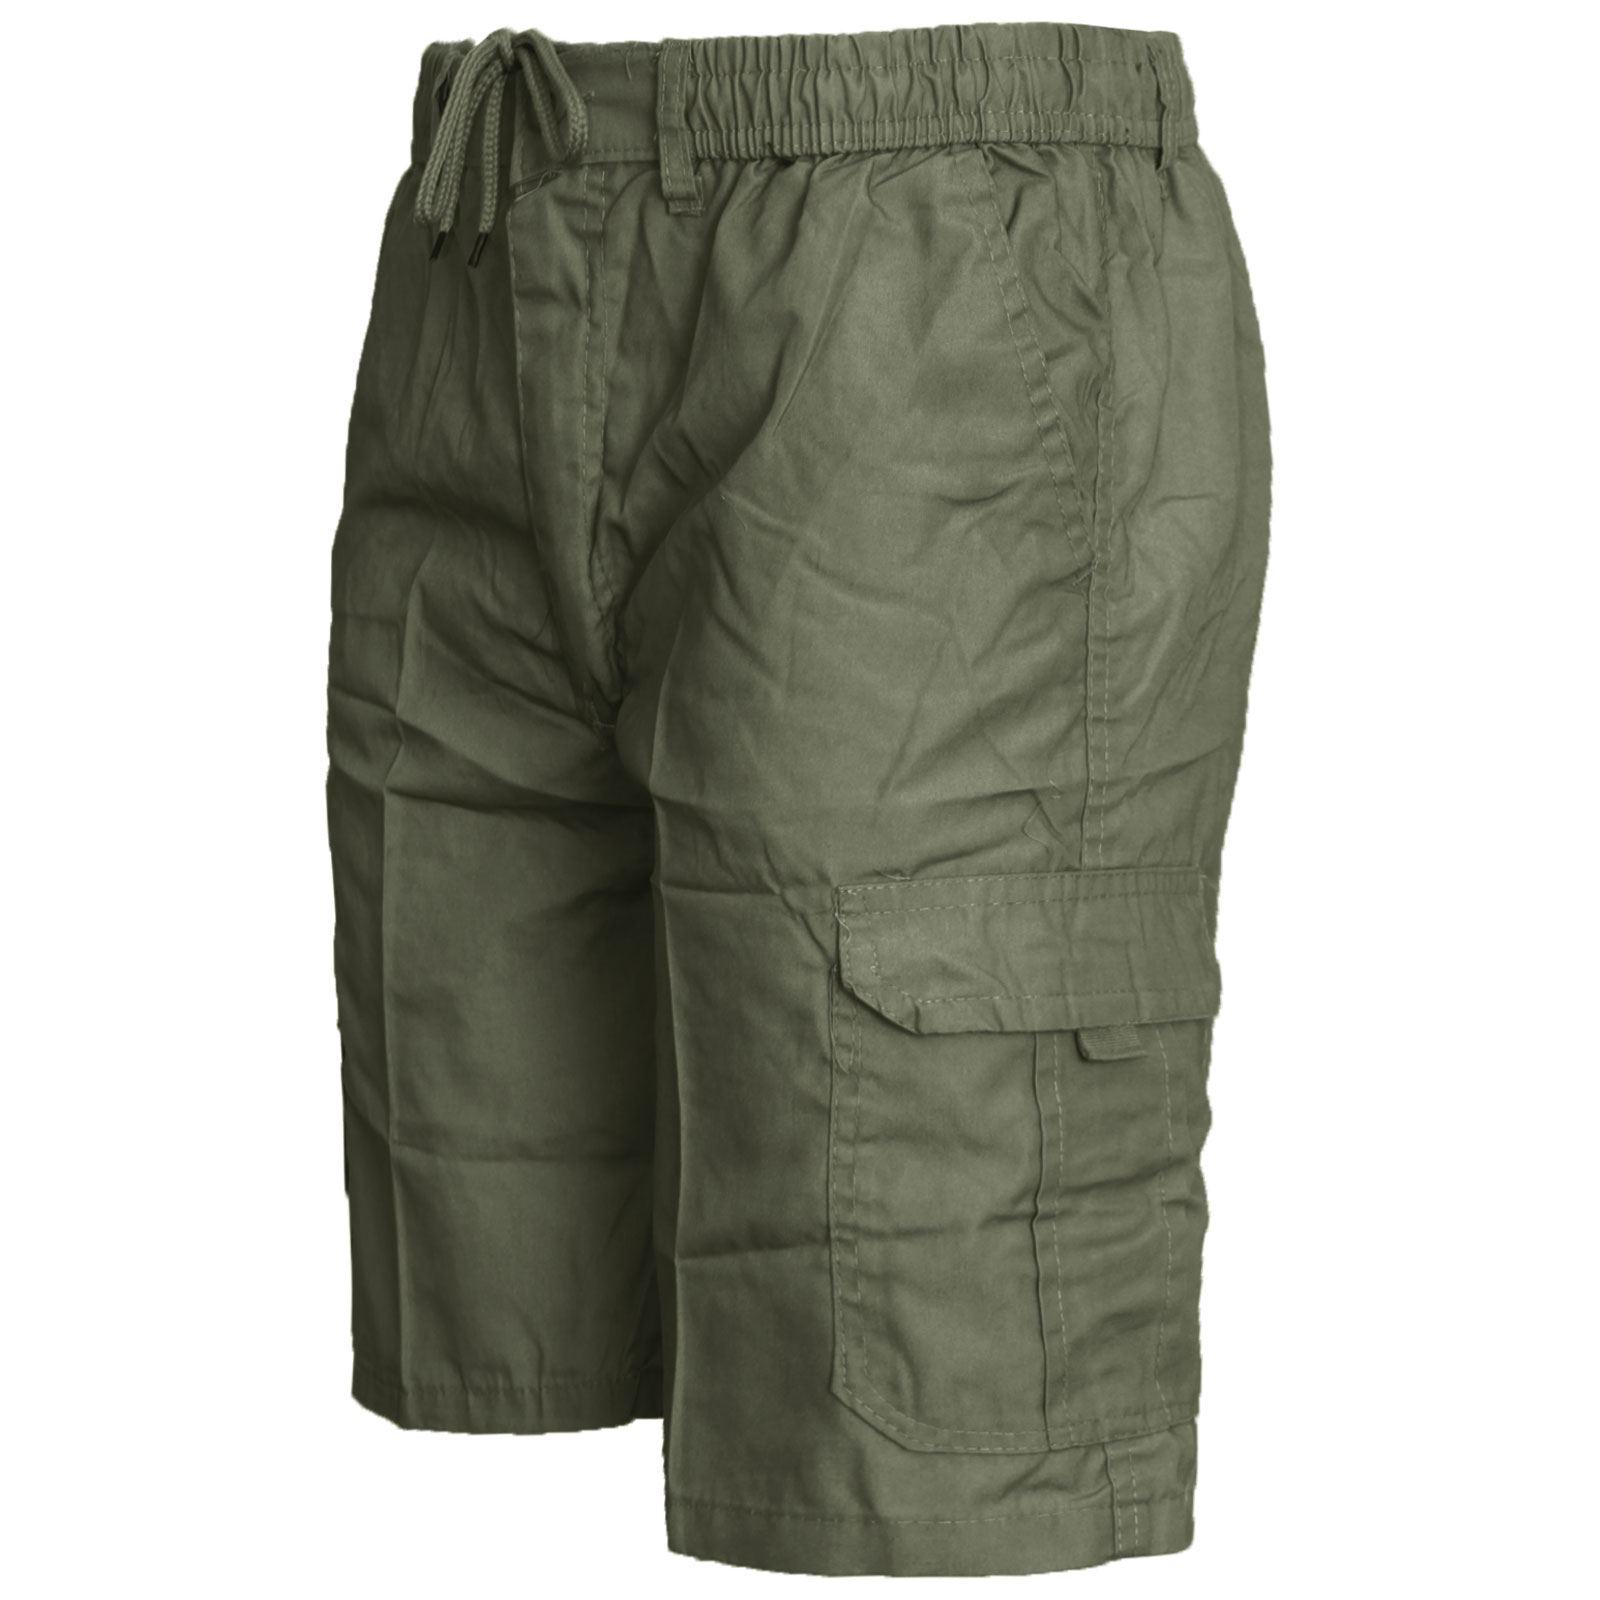 Para-Hombre-De-Carga-Combate-Pantalones-Cortos-Elastico-Verano-Informal-De-Algodon-Pantalones-Cortos miniatura 10